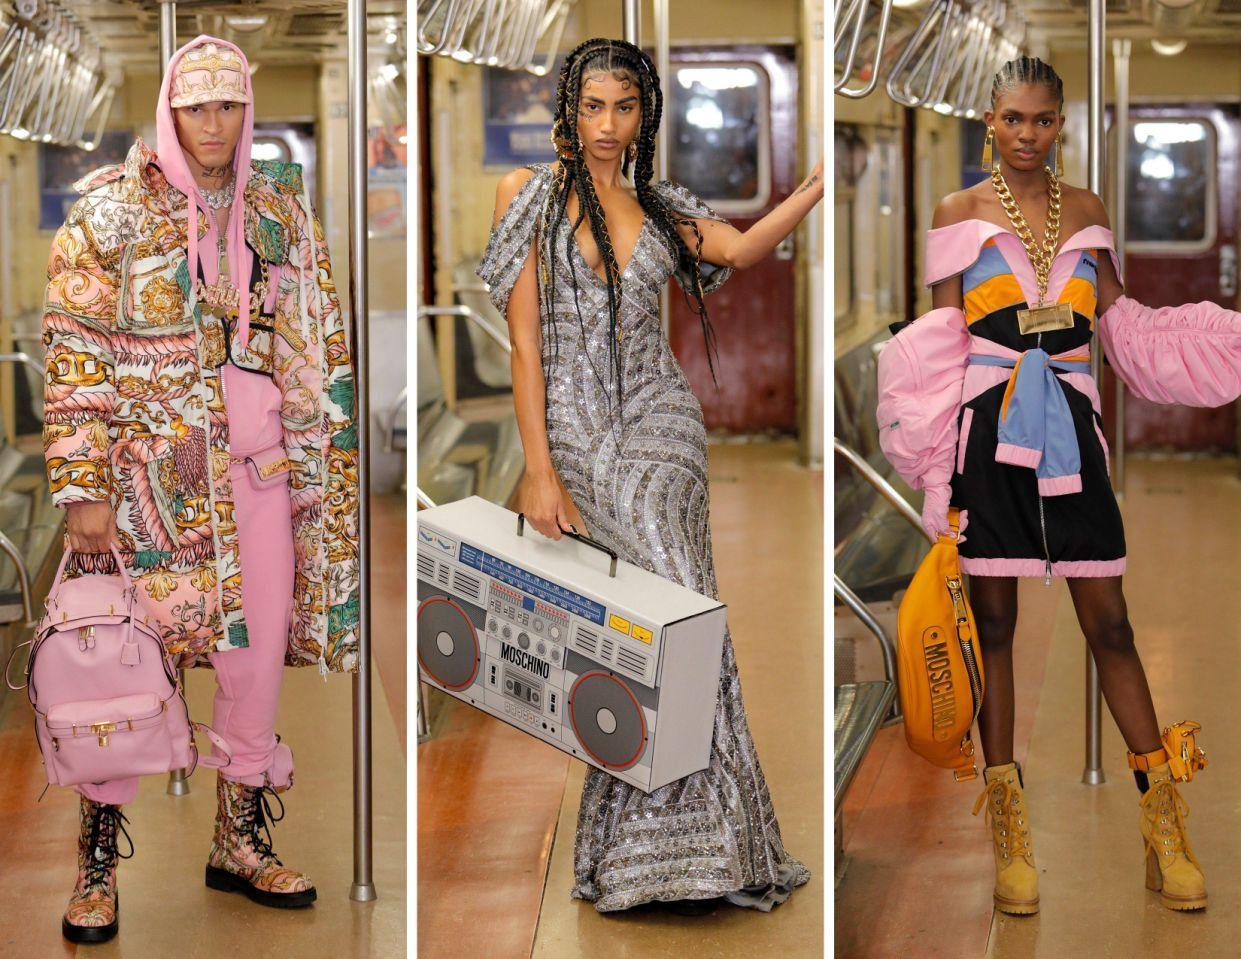 إطلالات مختلفة في عرض أزياء موسكينو